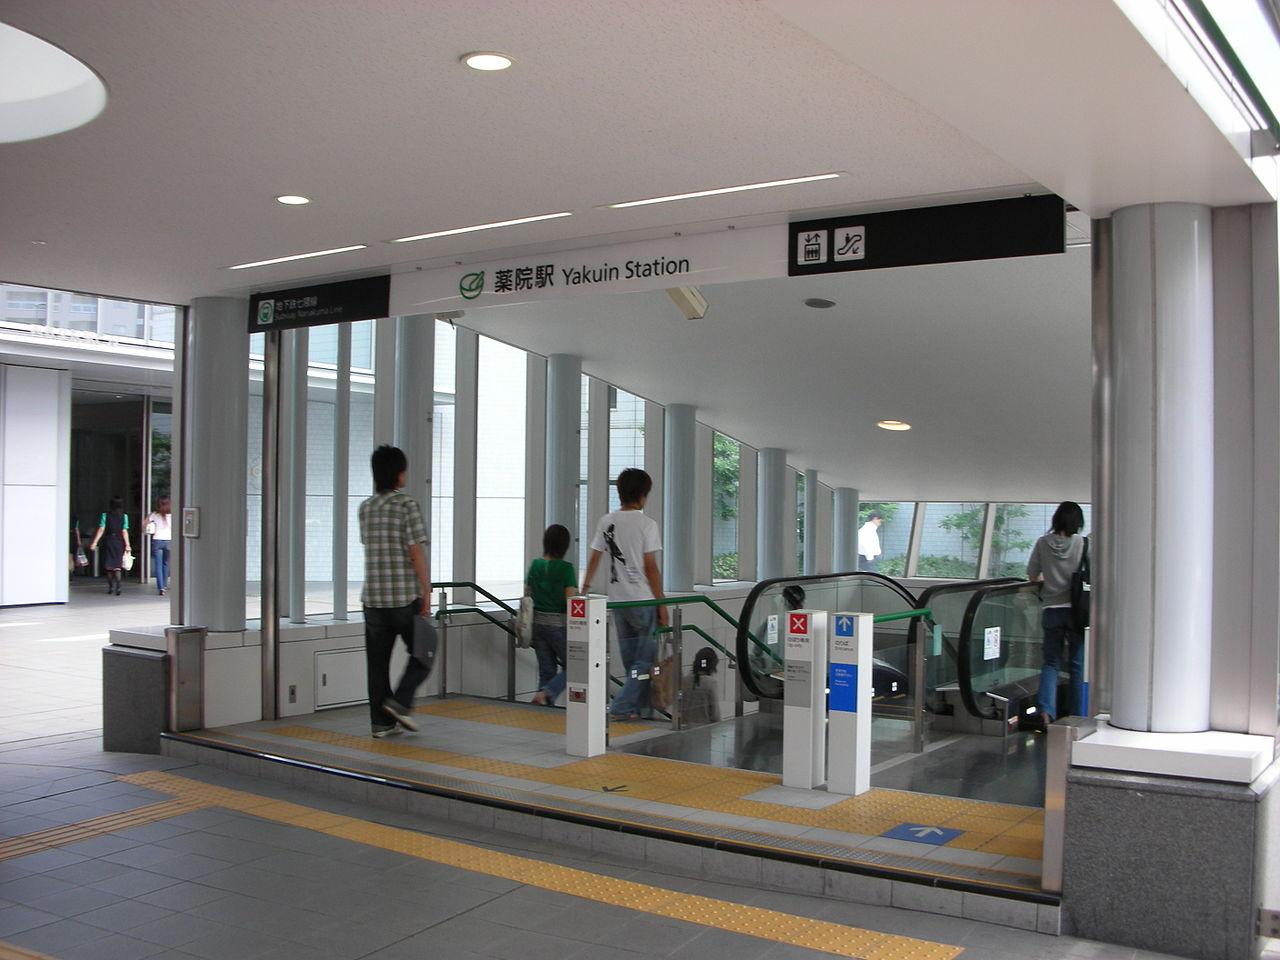 福岡市営地下鉄七隈線 薬院駅